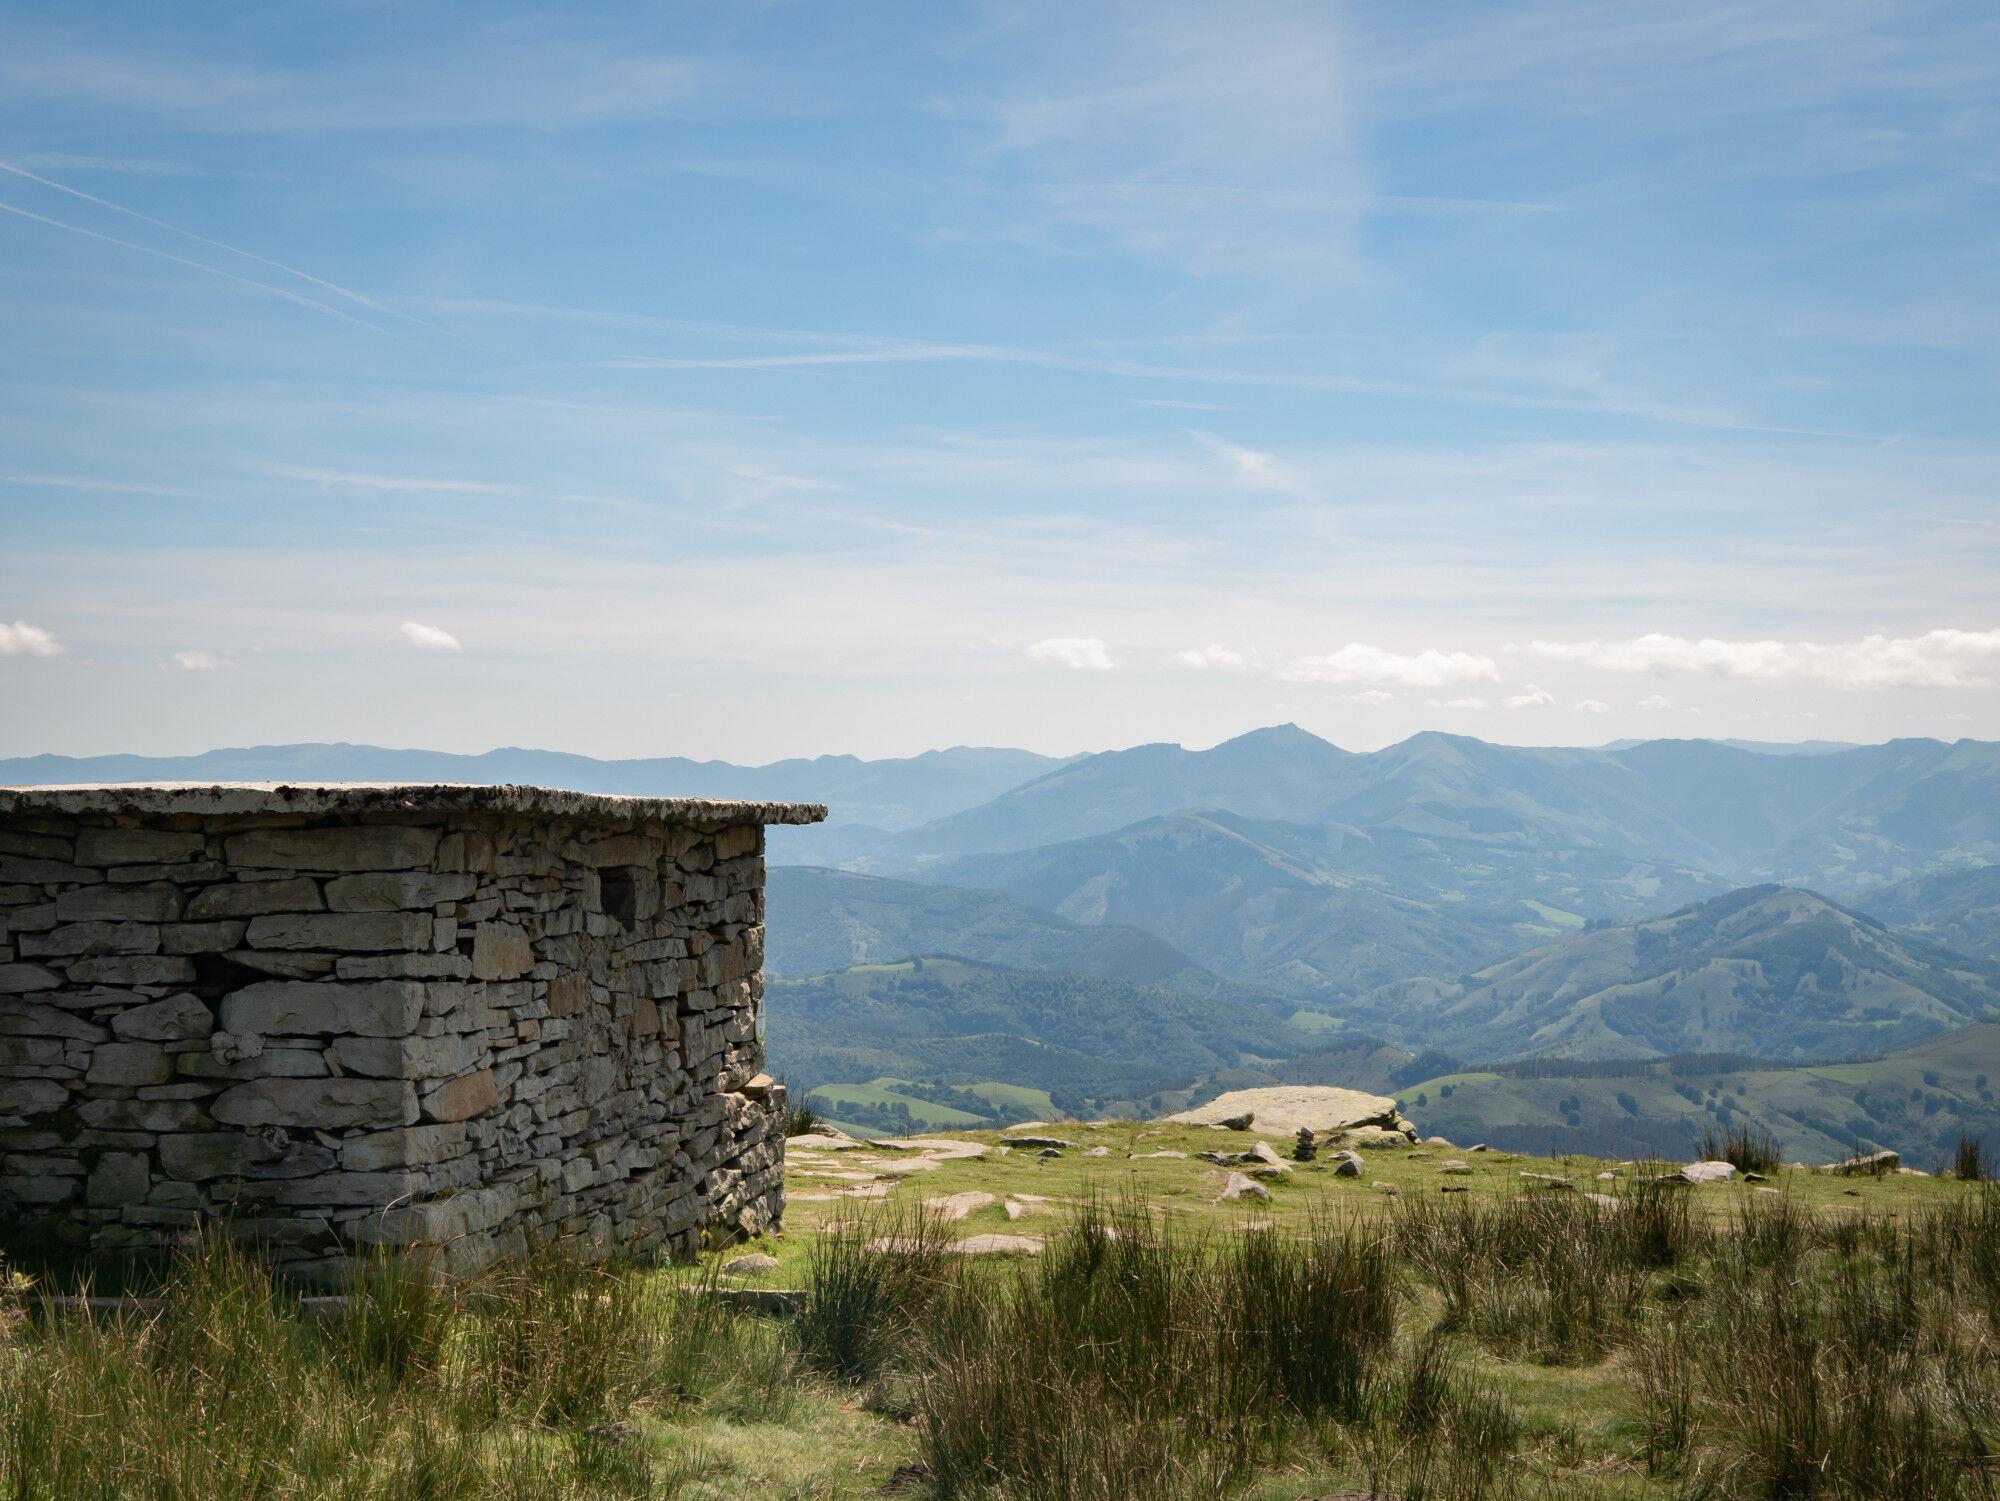 Sommet de La Rhune (Larrun en basque), France - Pays Basque, France & Espagne